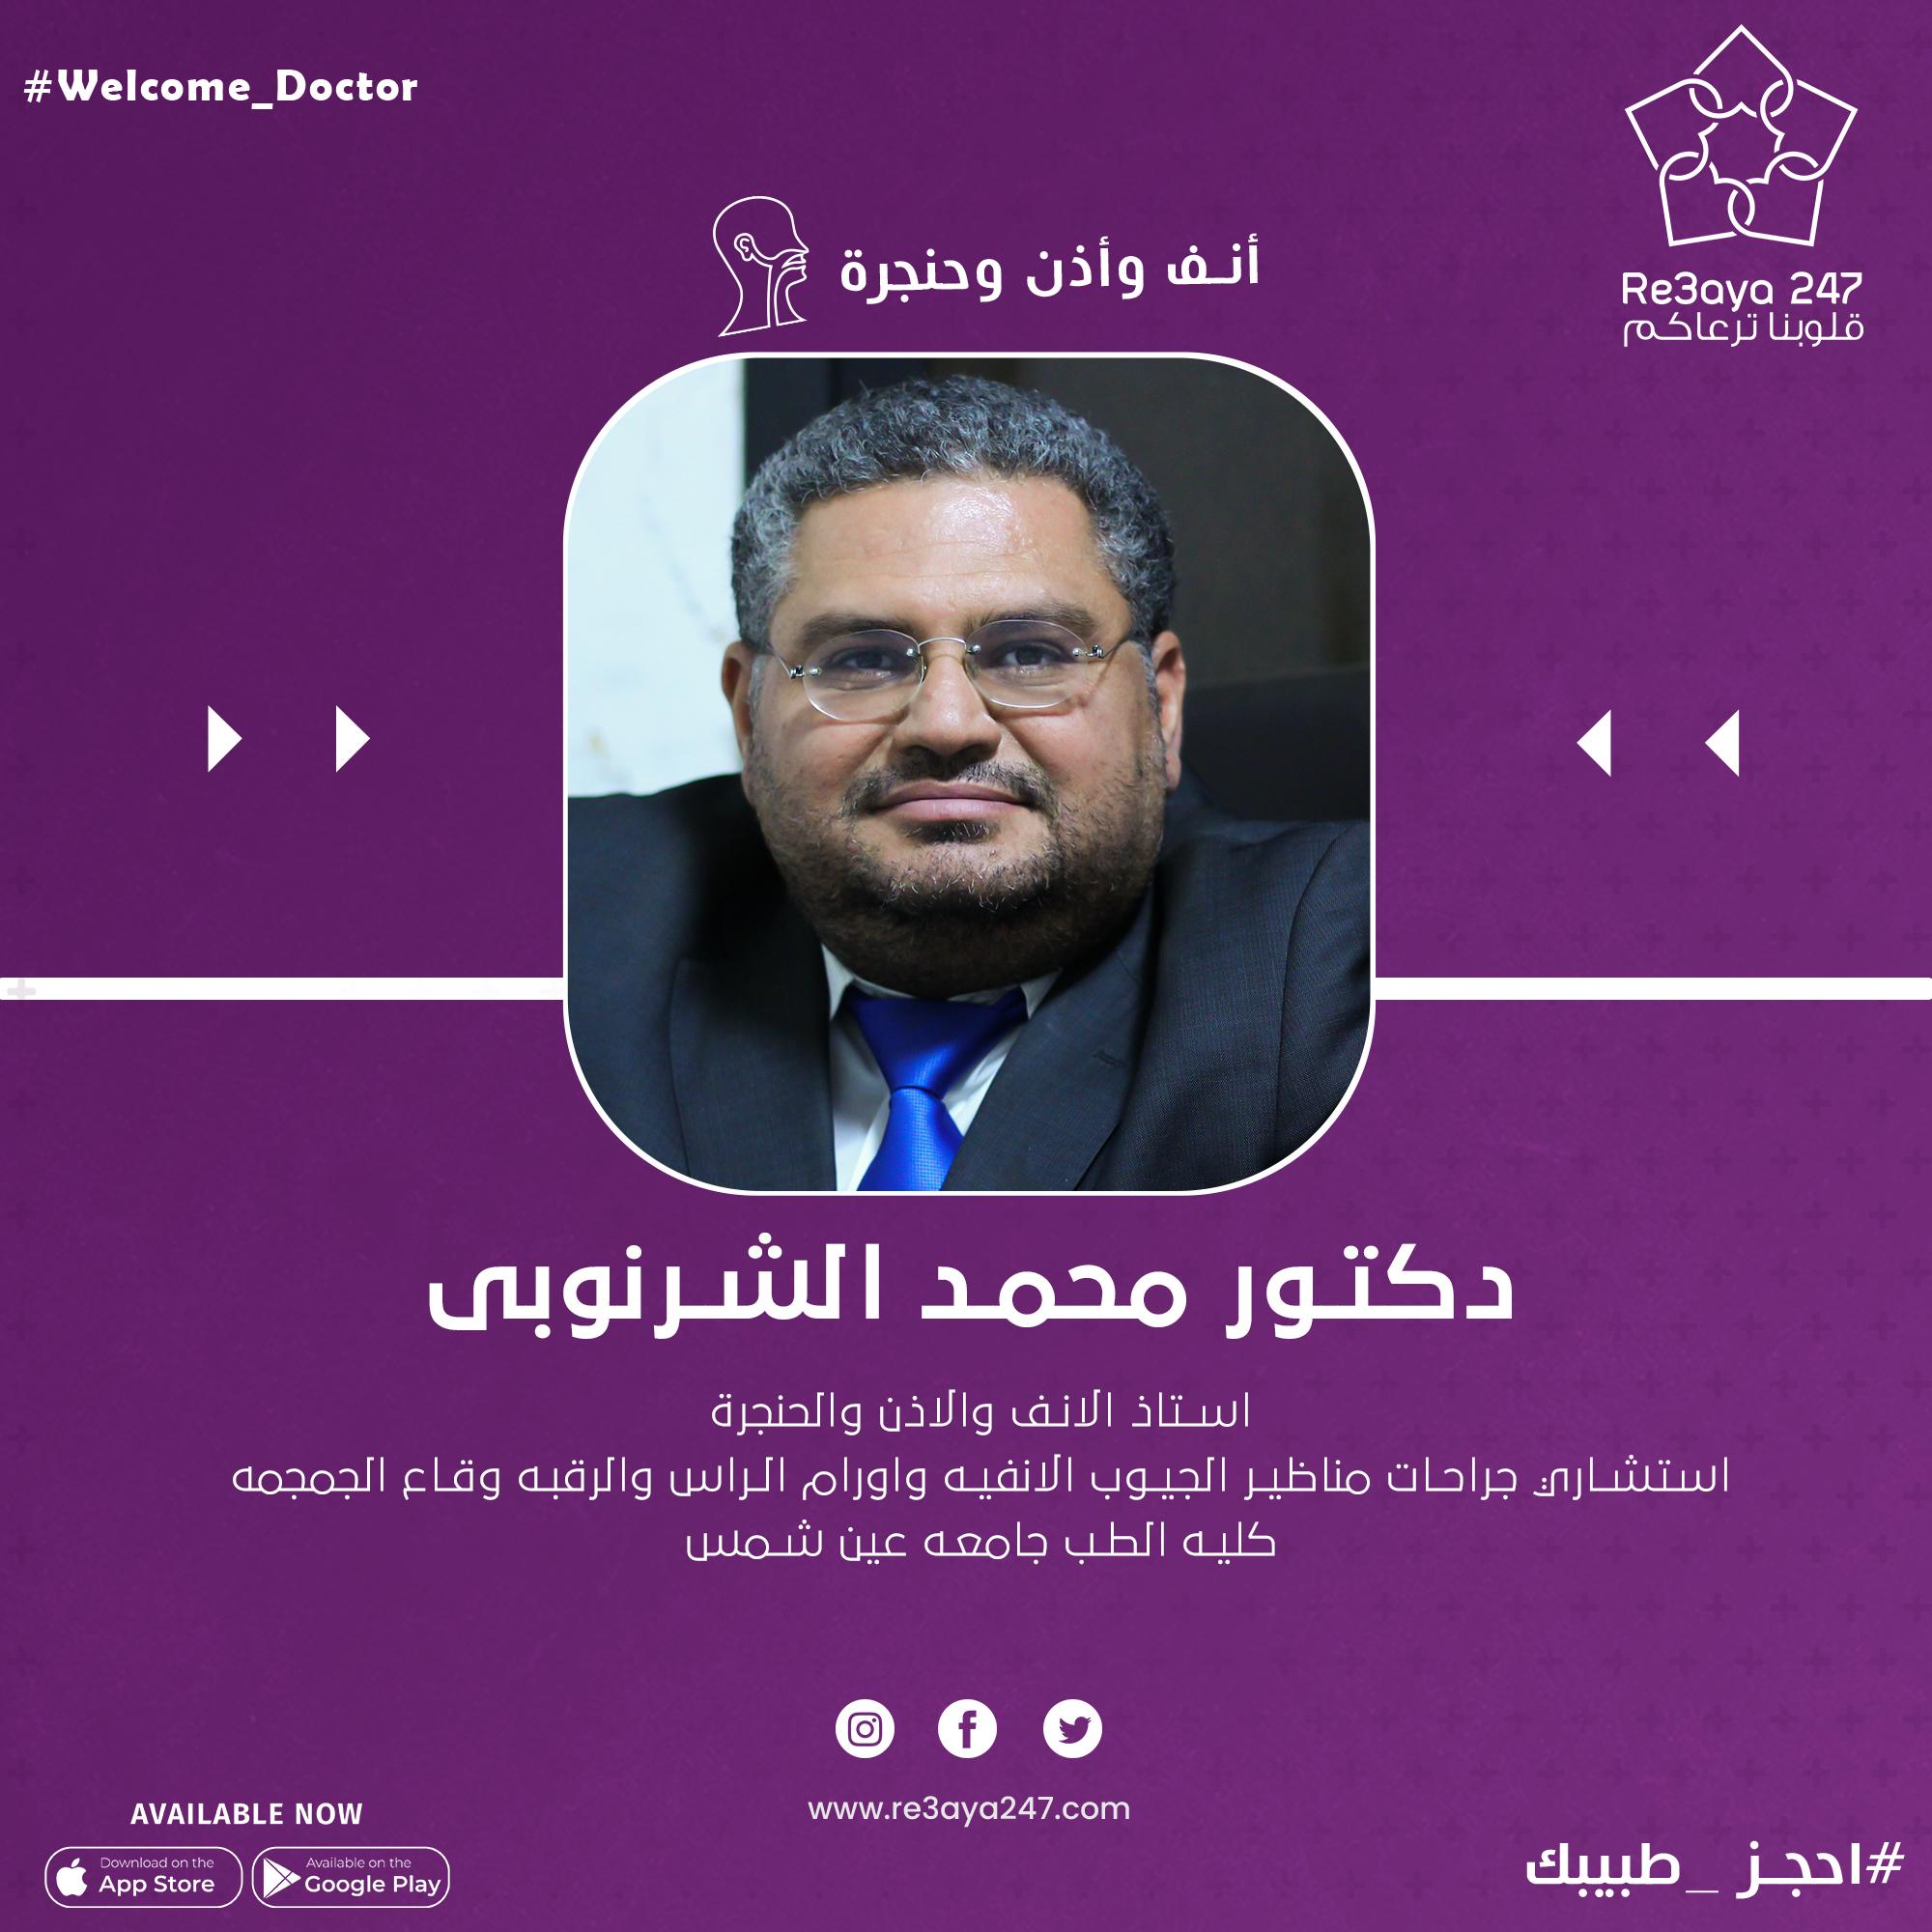 احجز مع د/محمد الشرنوبى